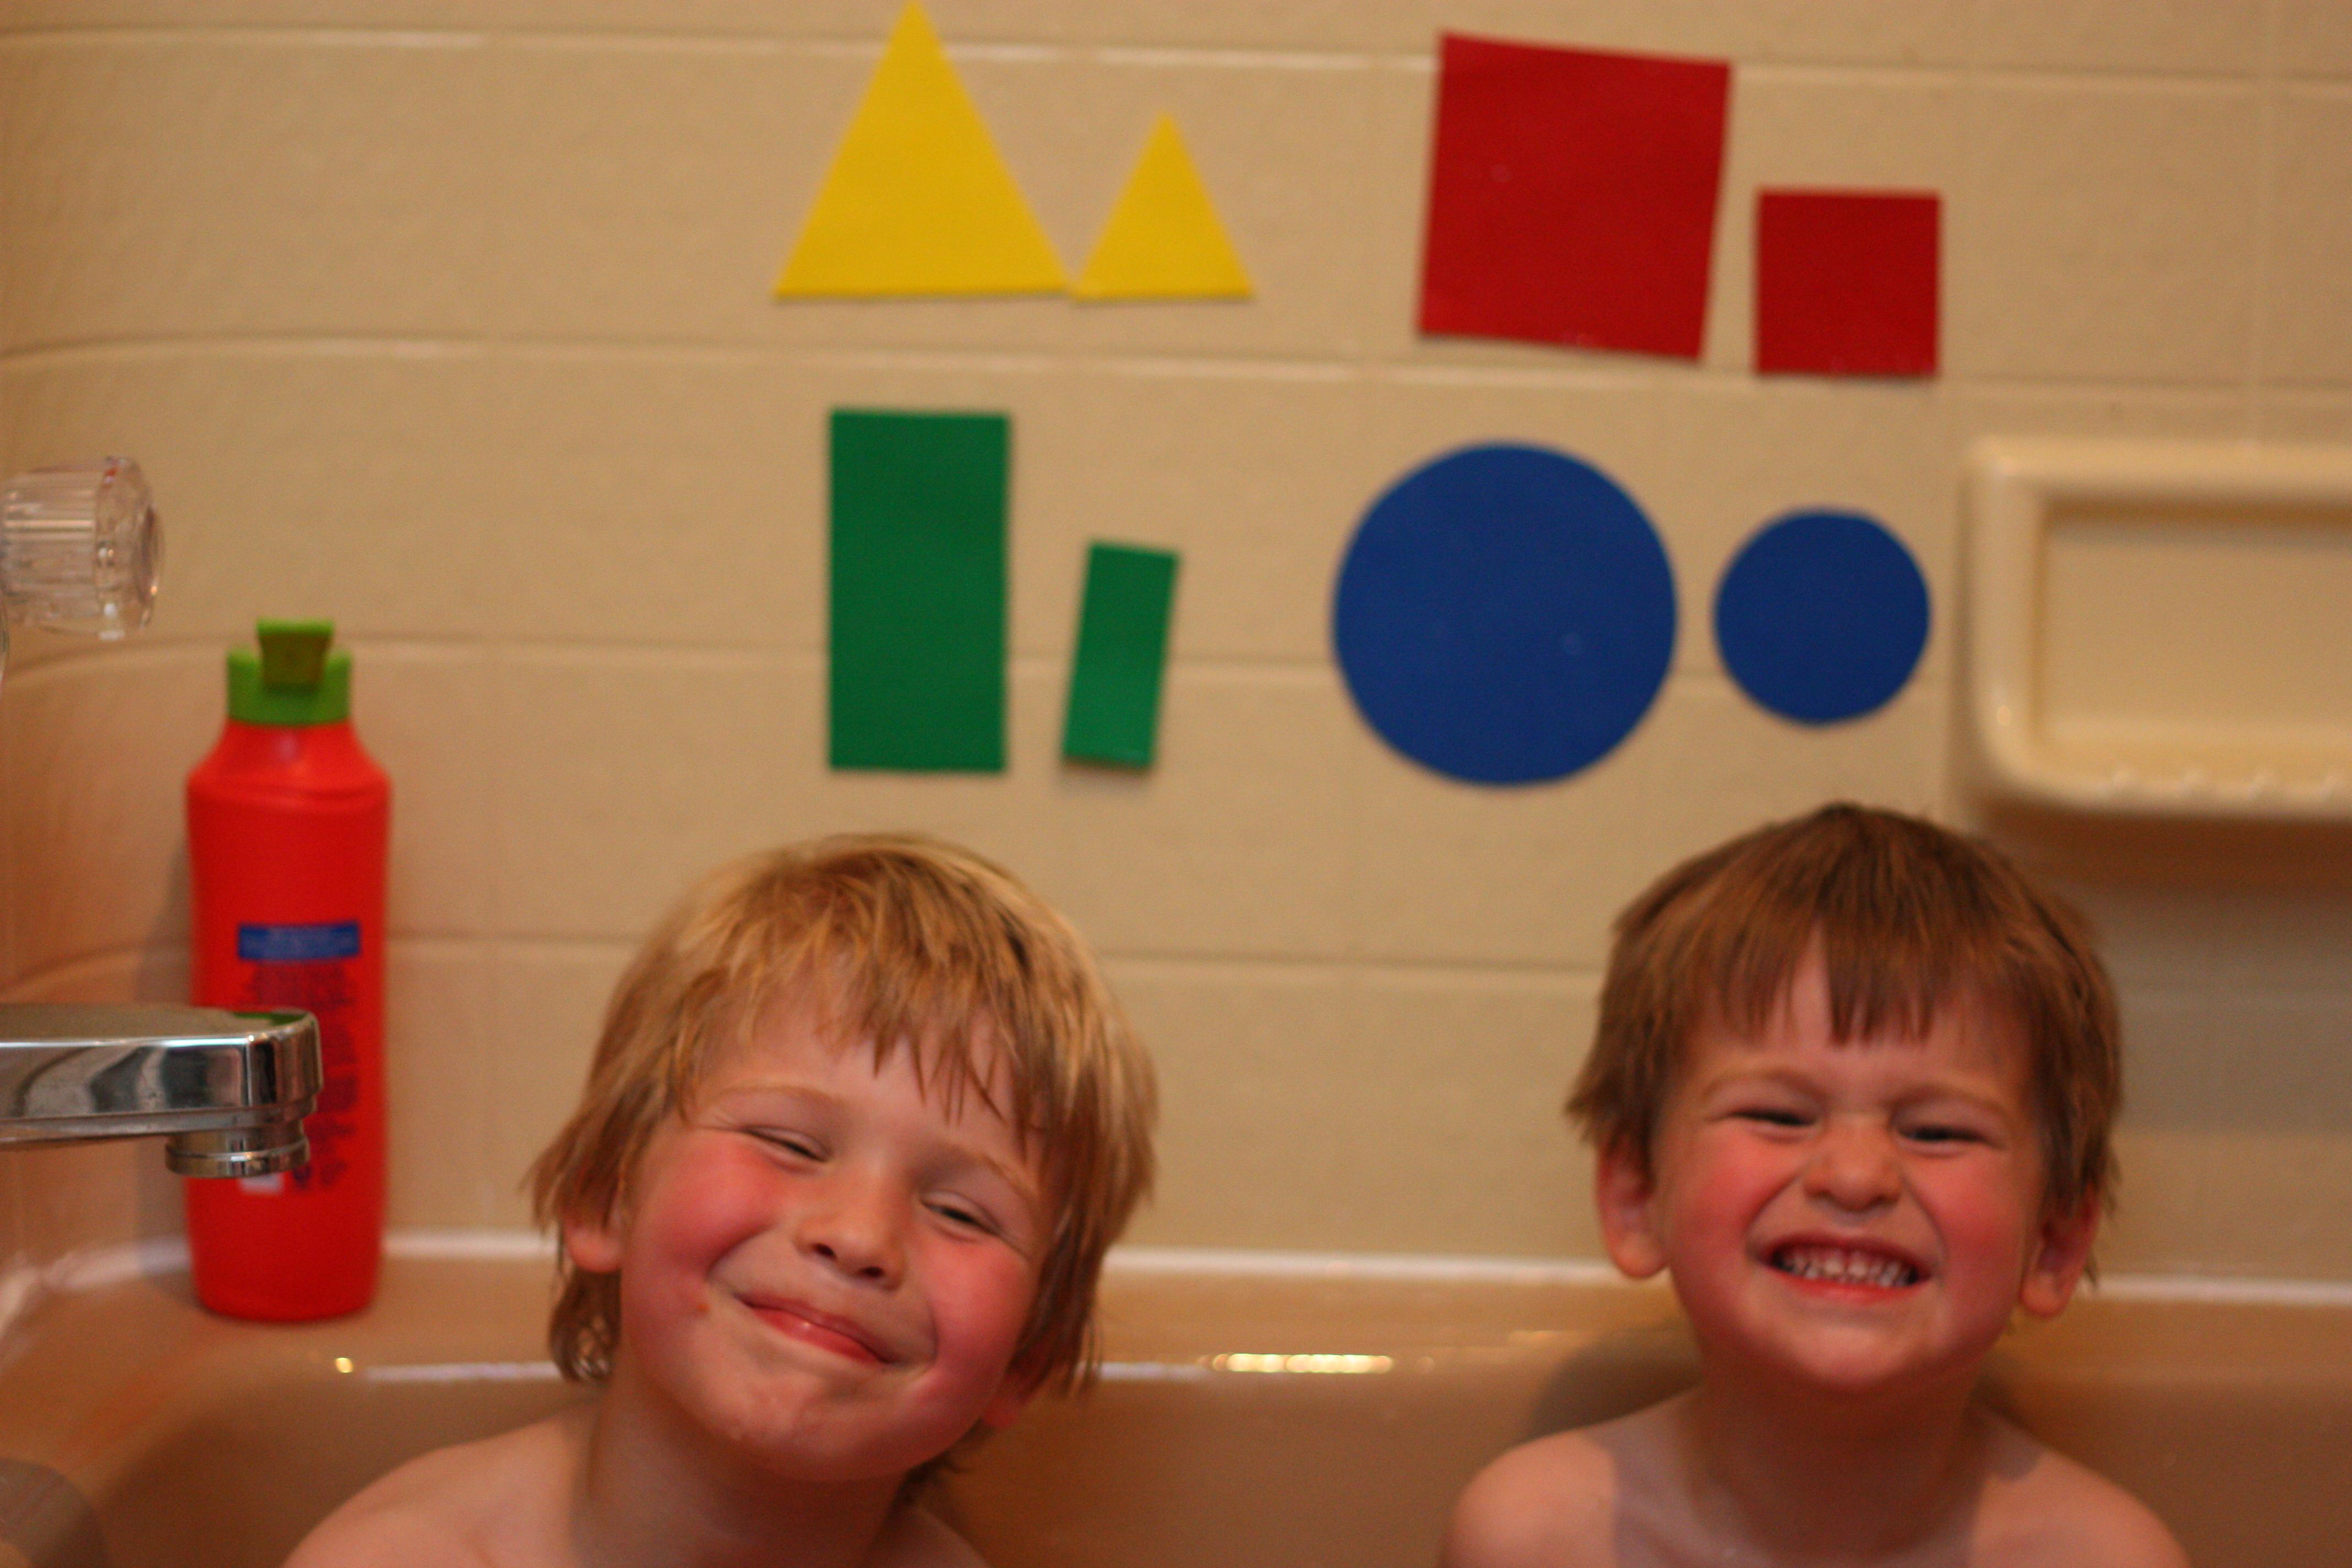 DIY Bathtub Shapes - I Can Teach My Child!